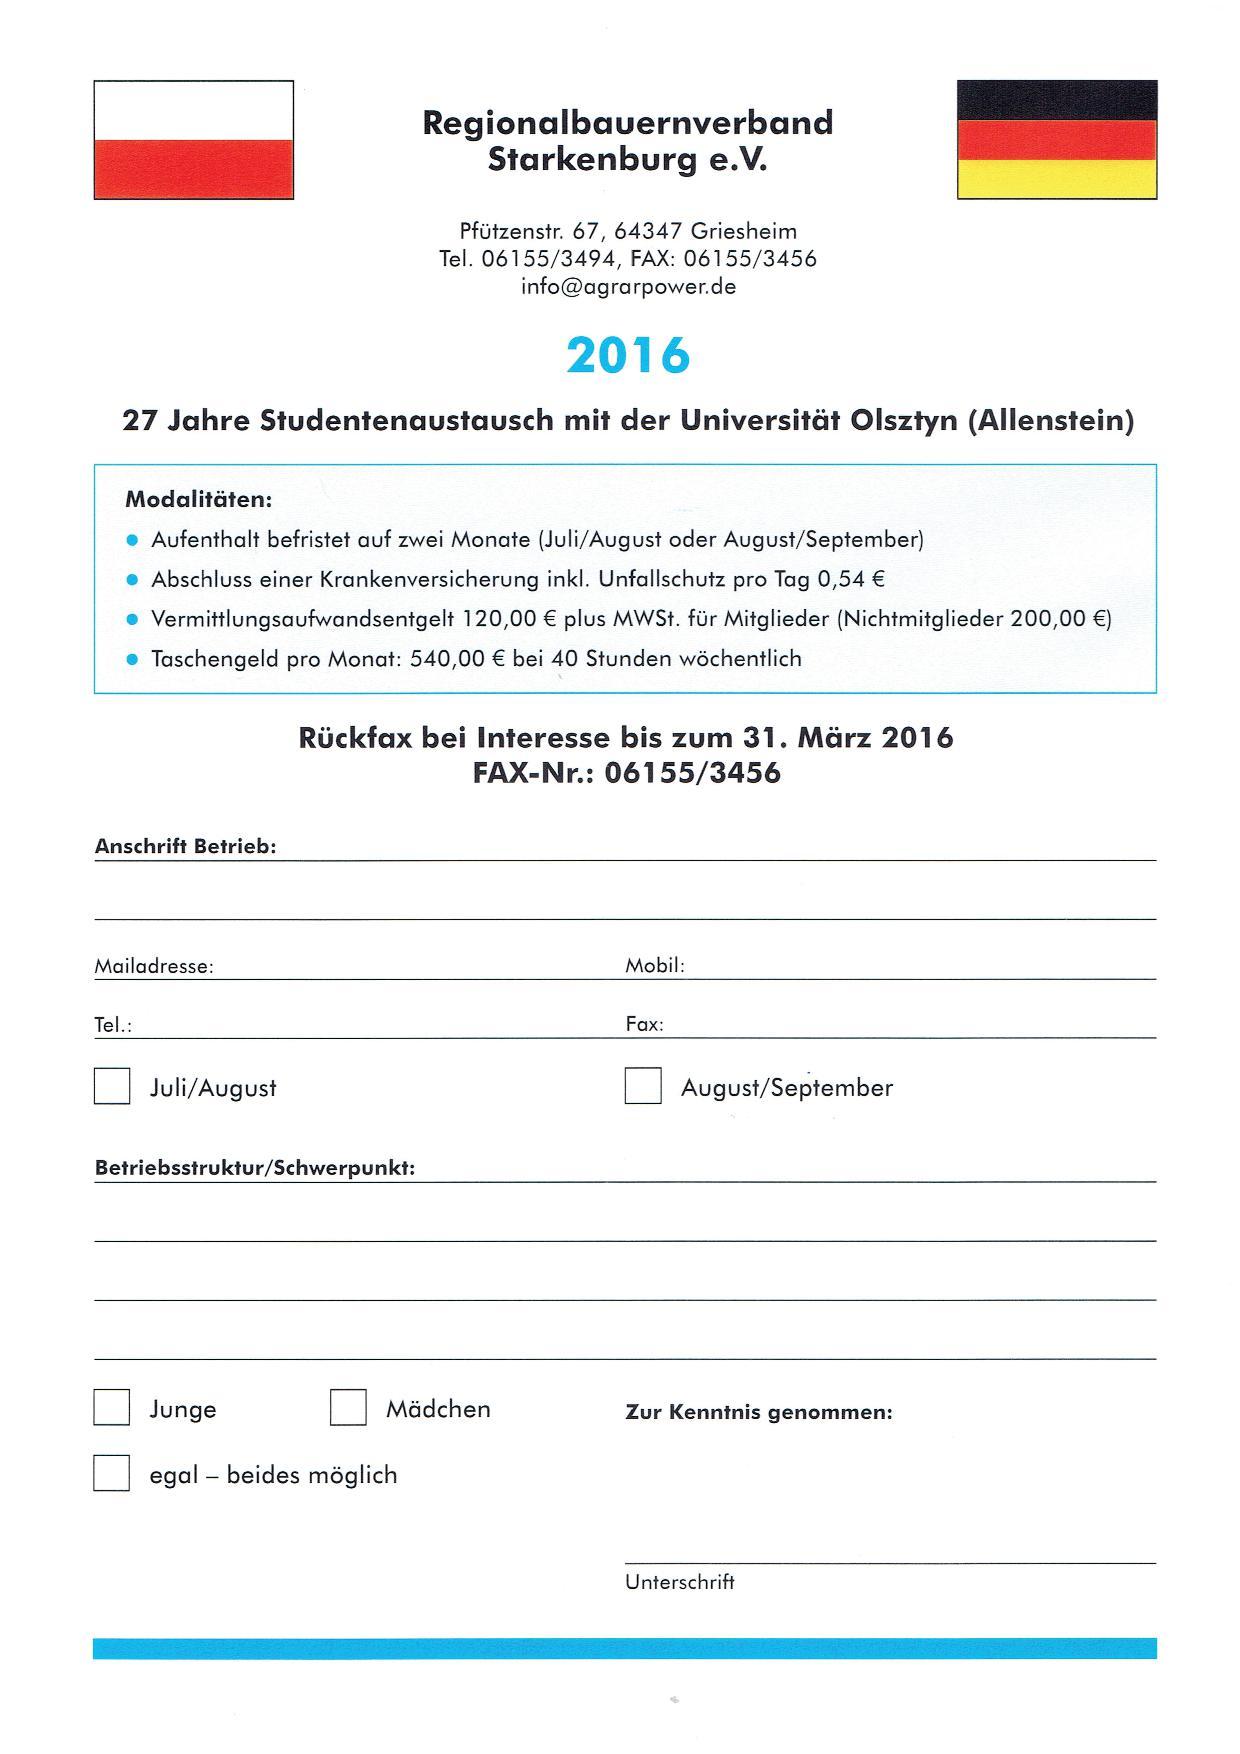 27 Jahre Studentenaustausch mit der Universität Olsztyn (Allenstein)